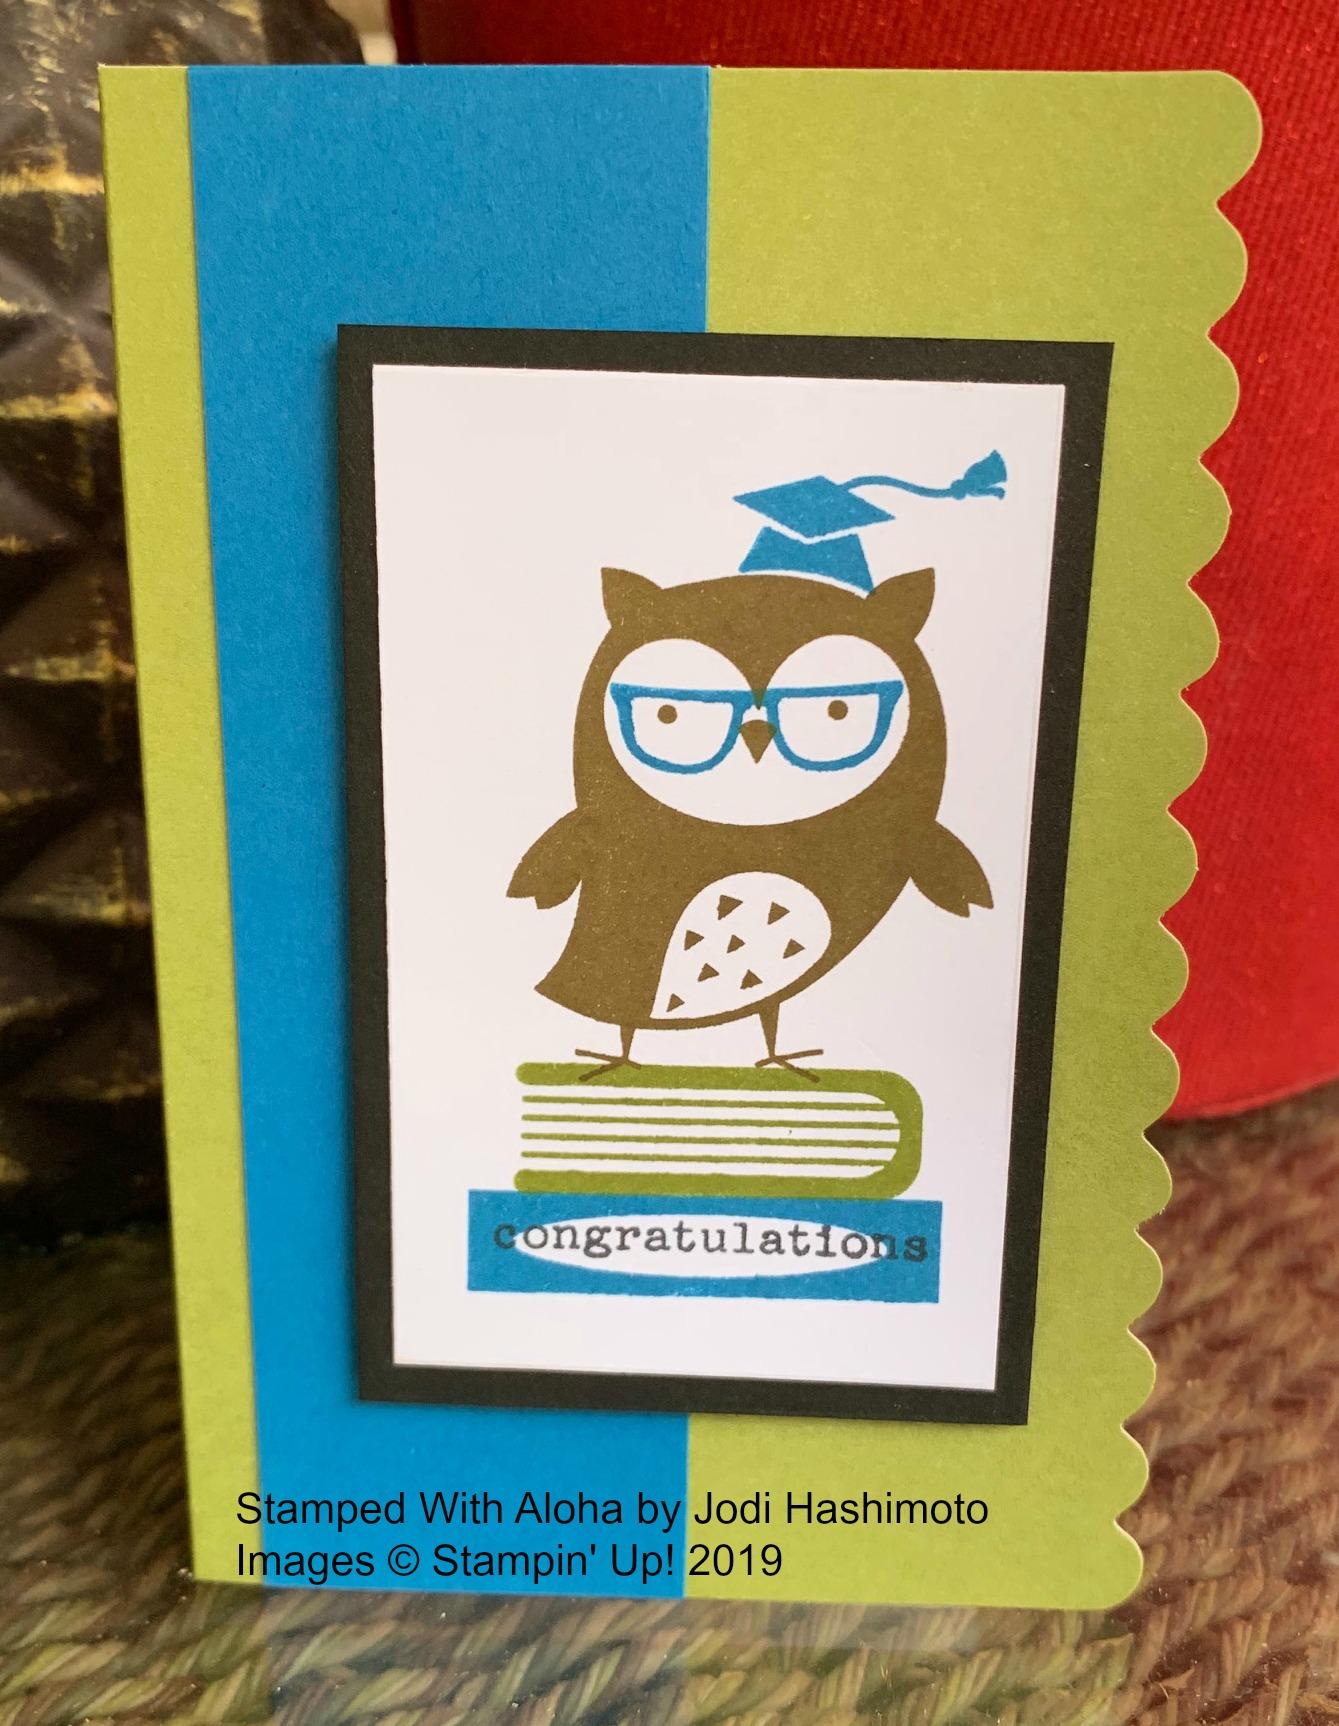 Check You Out Congrats Card